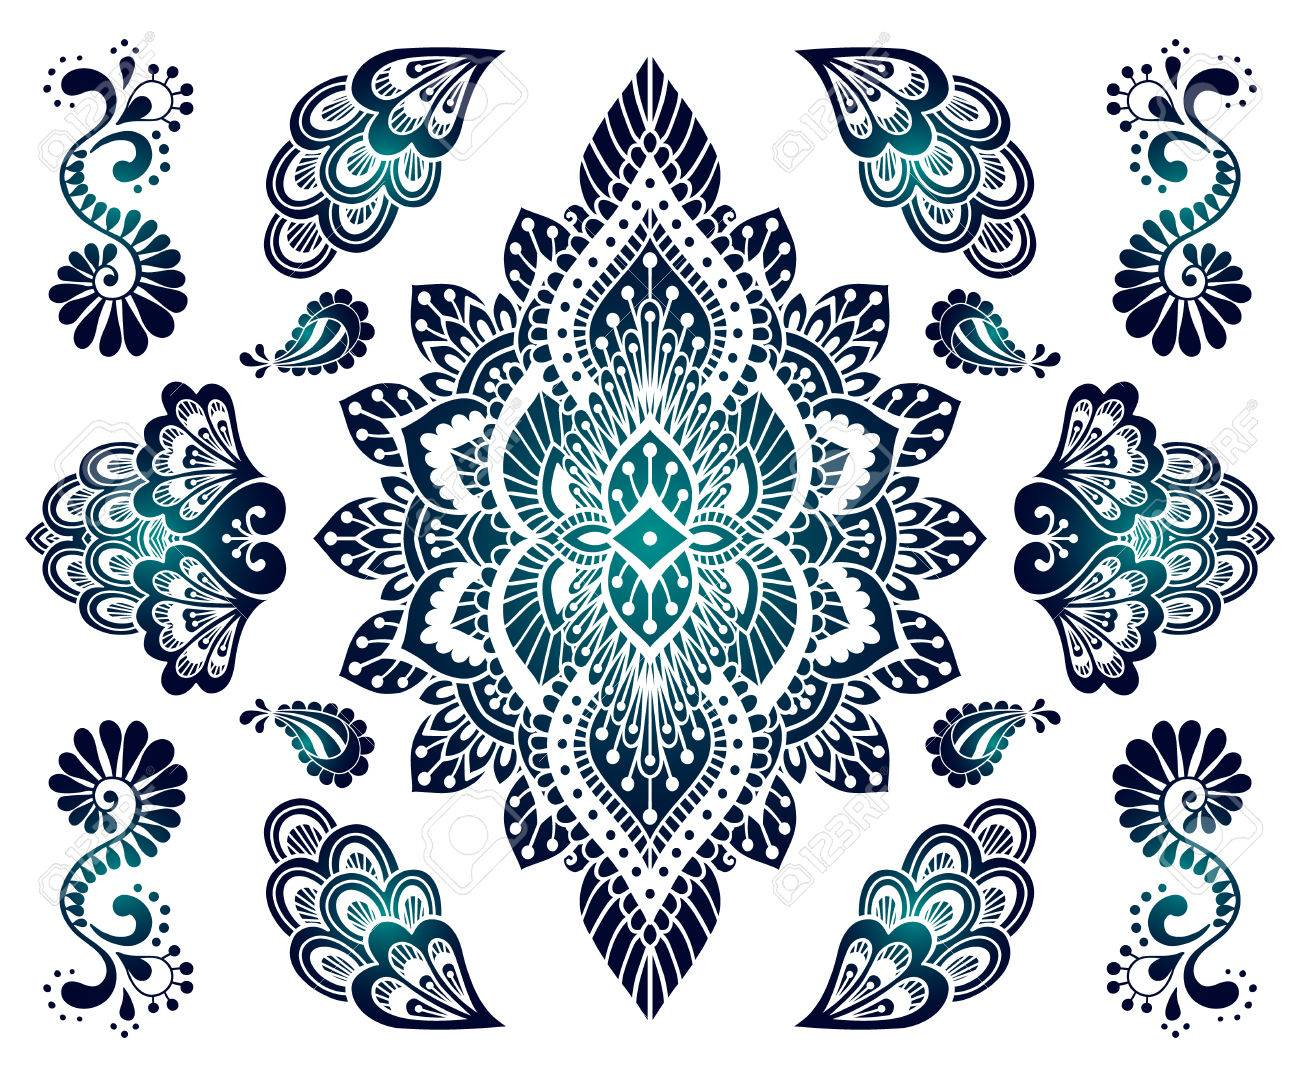 Establece El Ornamento Mehendi Dibujado A Mano Colección De